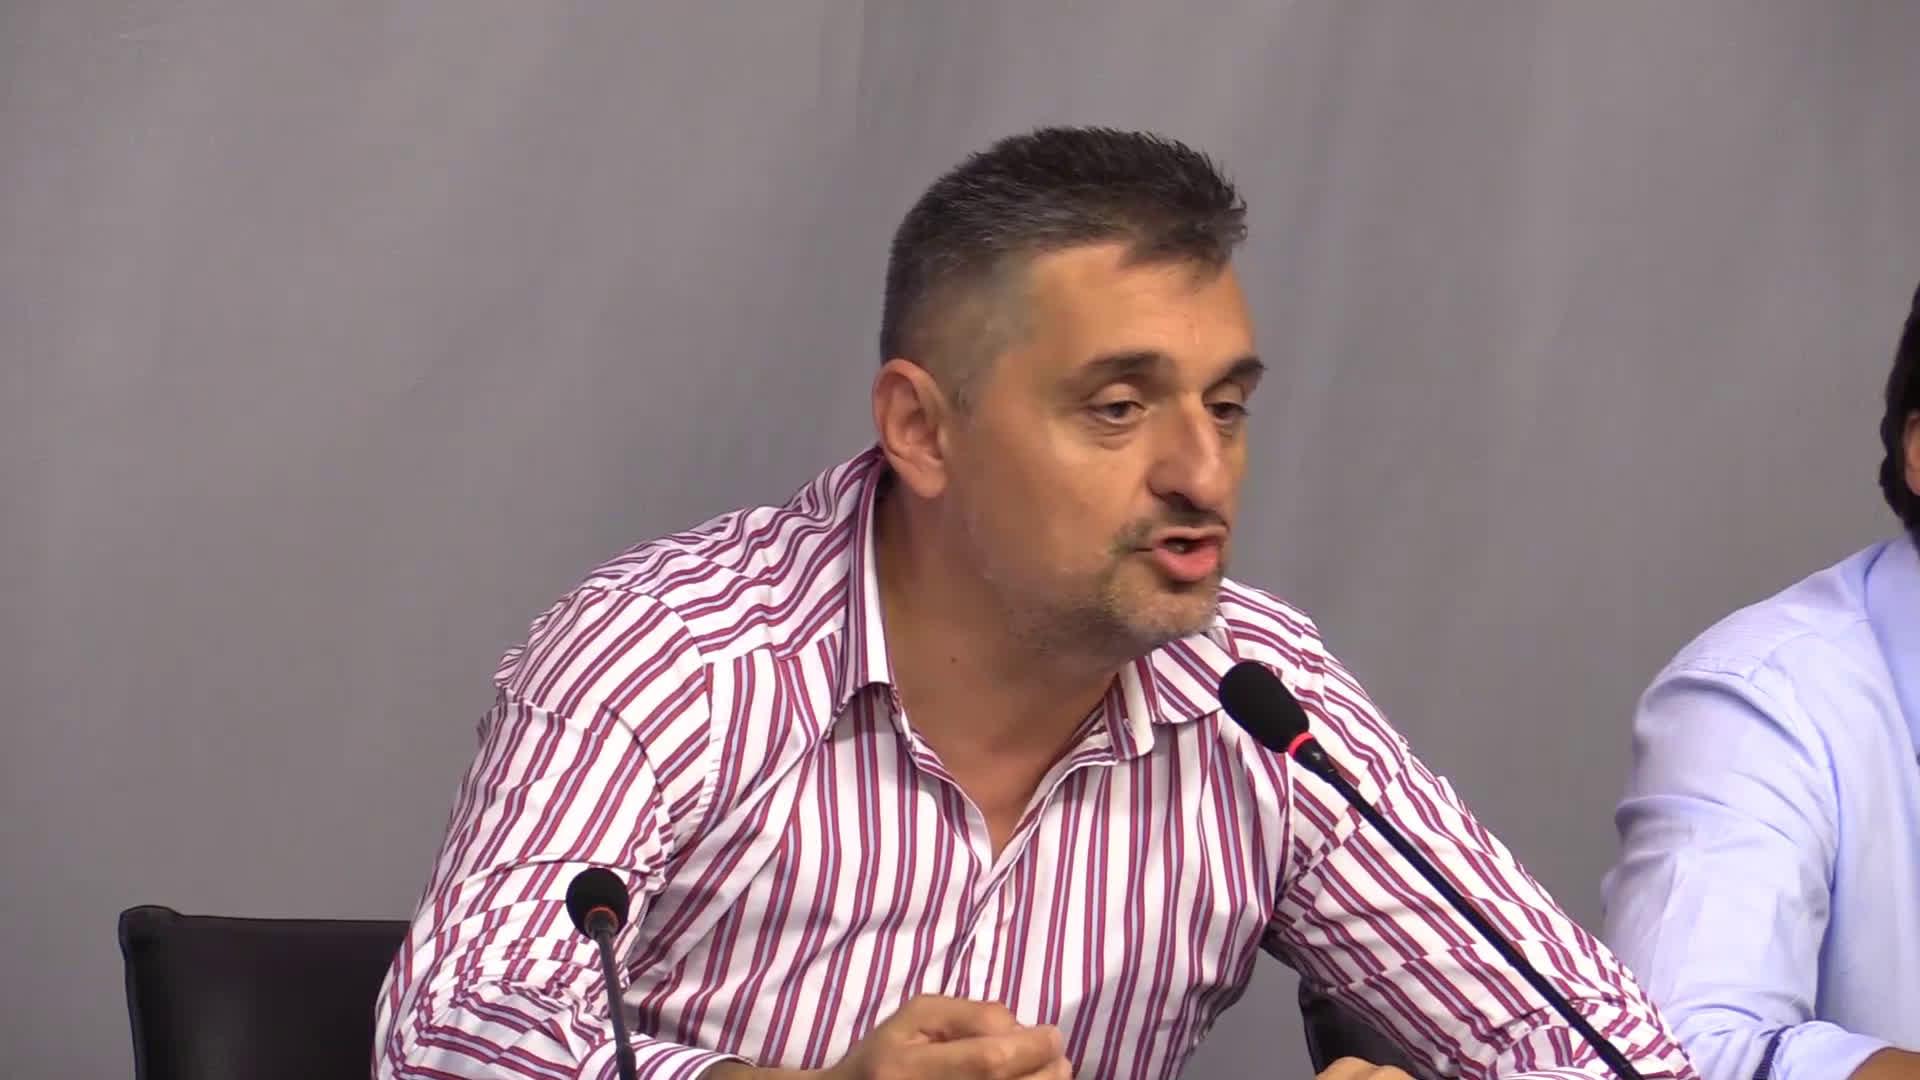 БСП пуска сигнал до прокуратурата за енергиен монопол на фирми, близки до Христо Ковачки